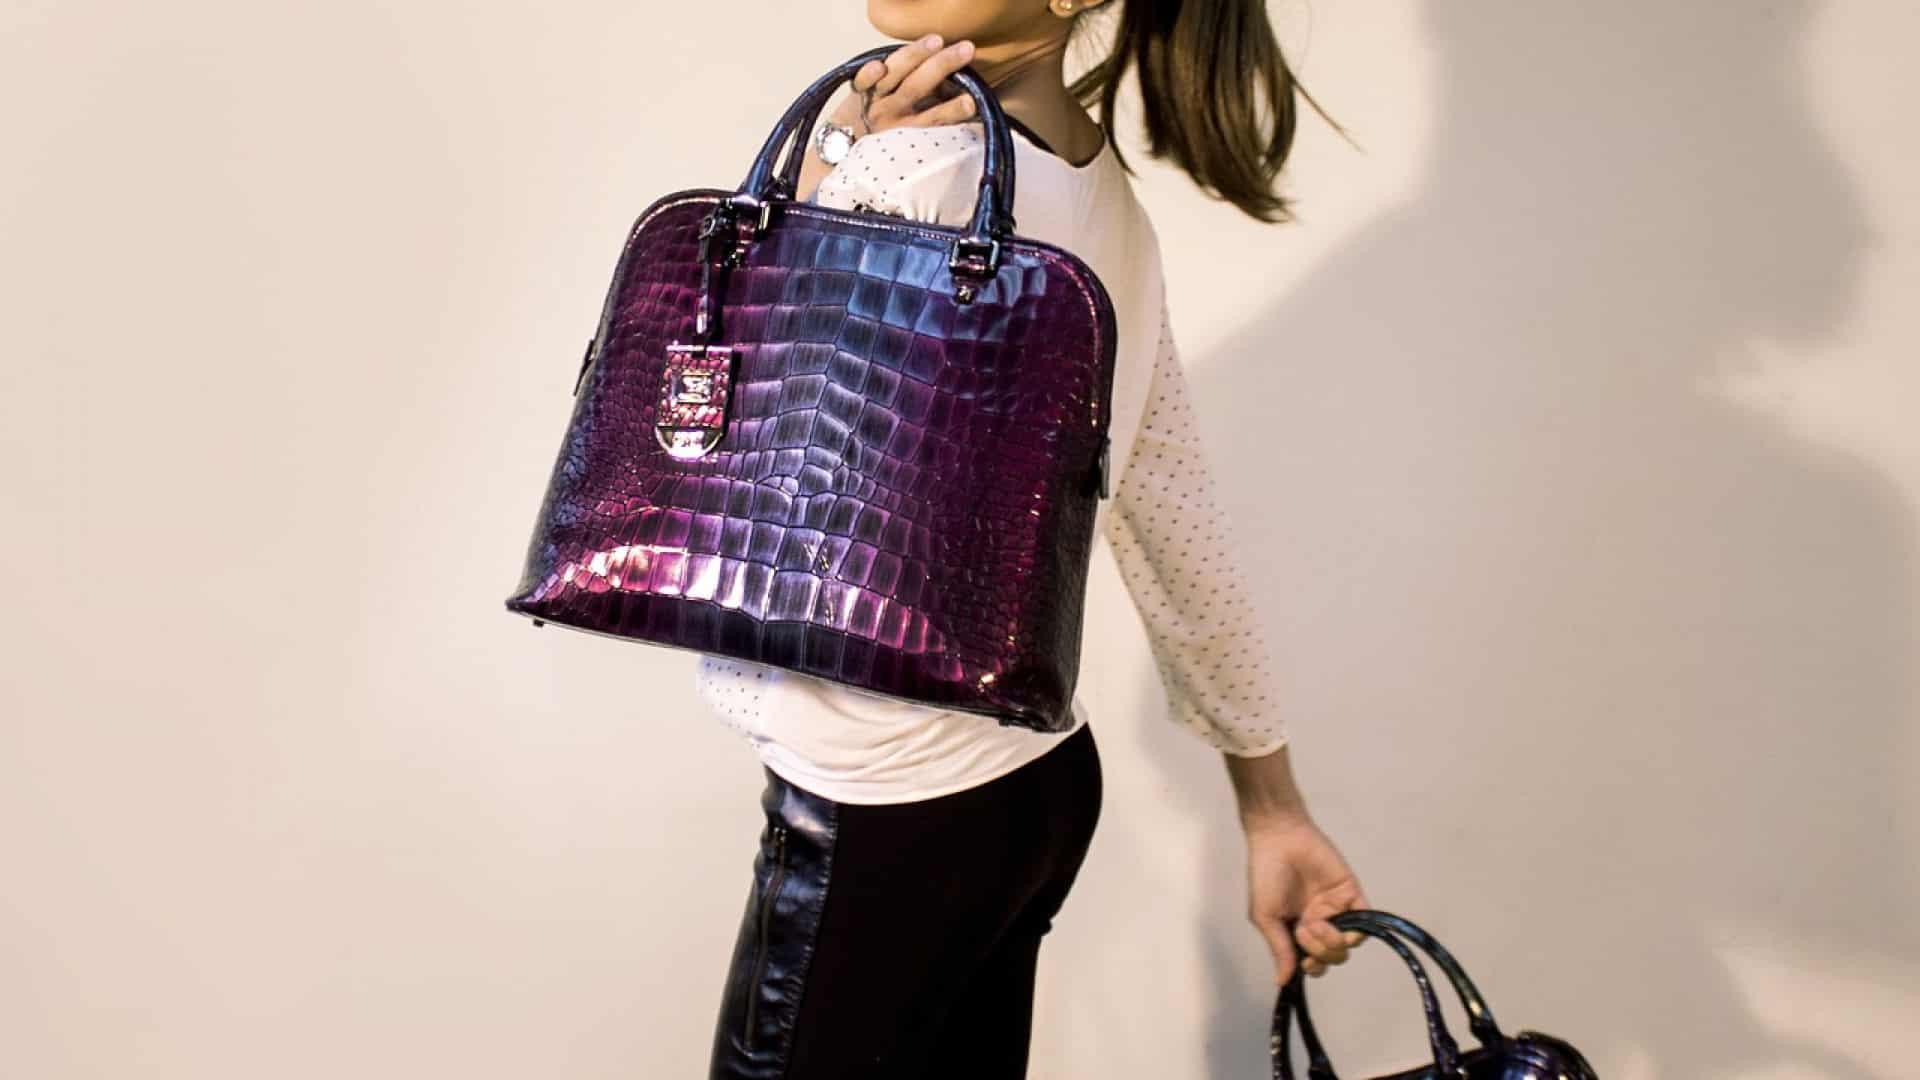 Le sac balenciaga, un luxe intemporel et passe-partout